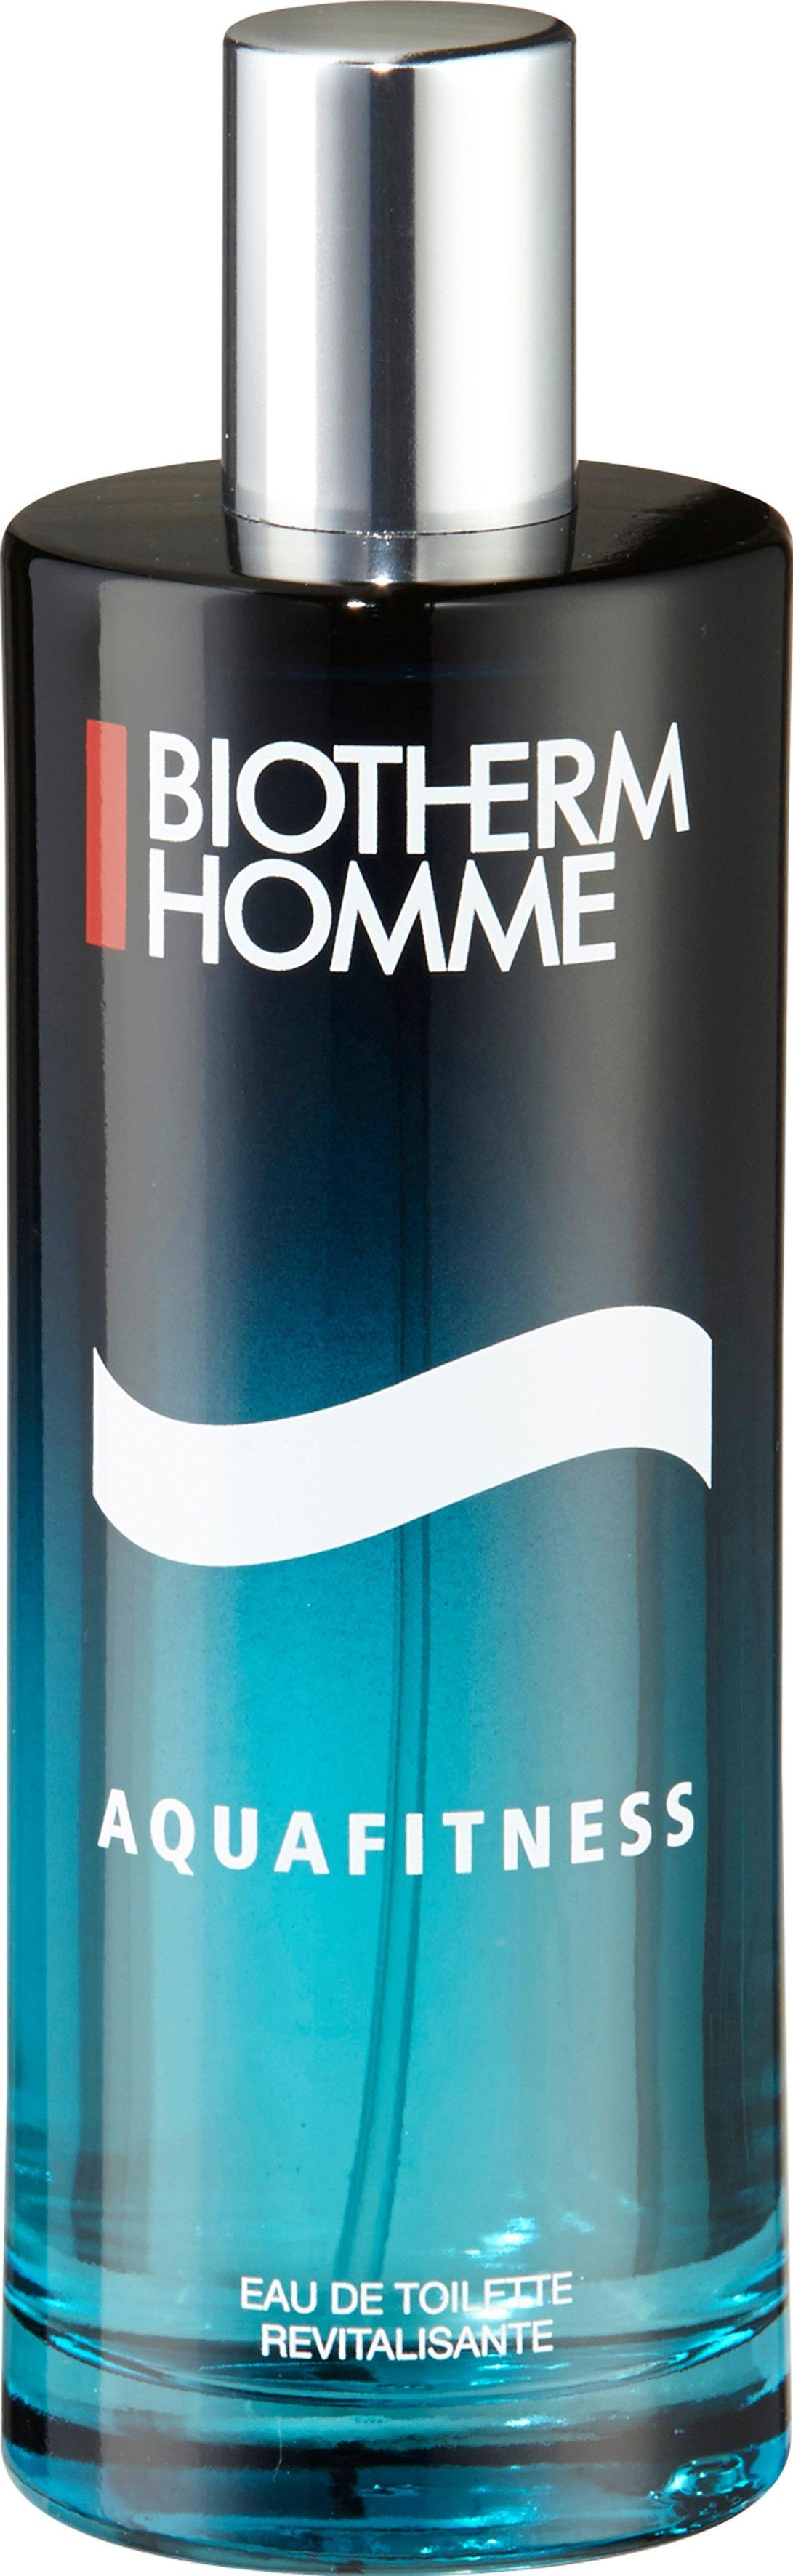 Biotherm, »Aquafitness«, Eau de Toilette